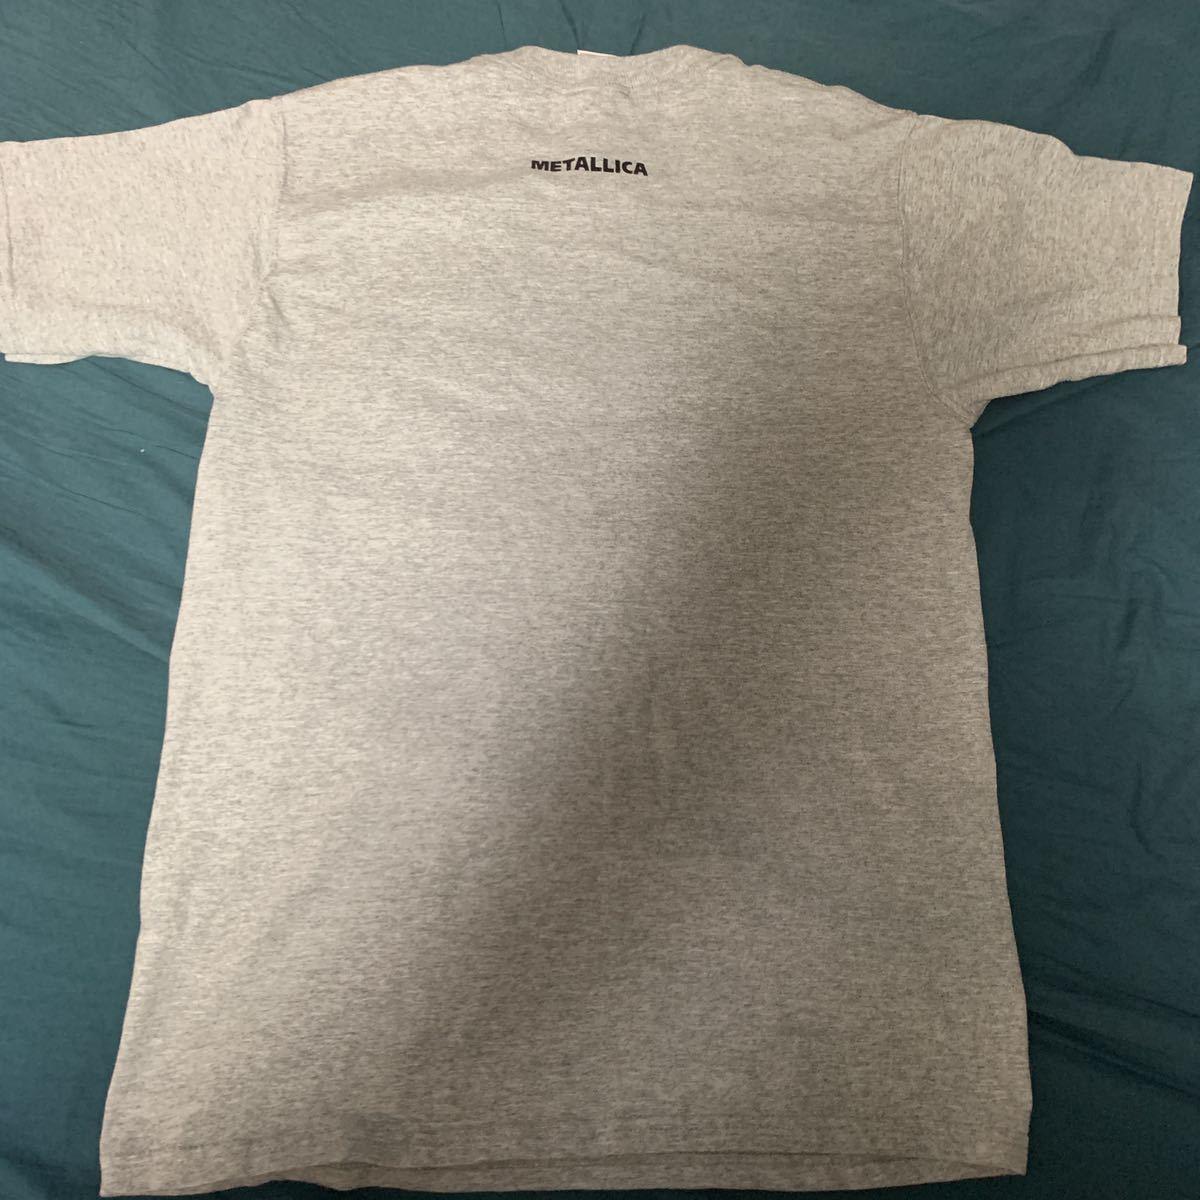 メタリカ S&M 非売品 Tシャツ_画像2